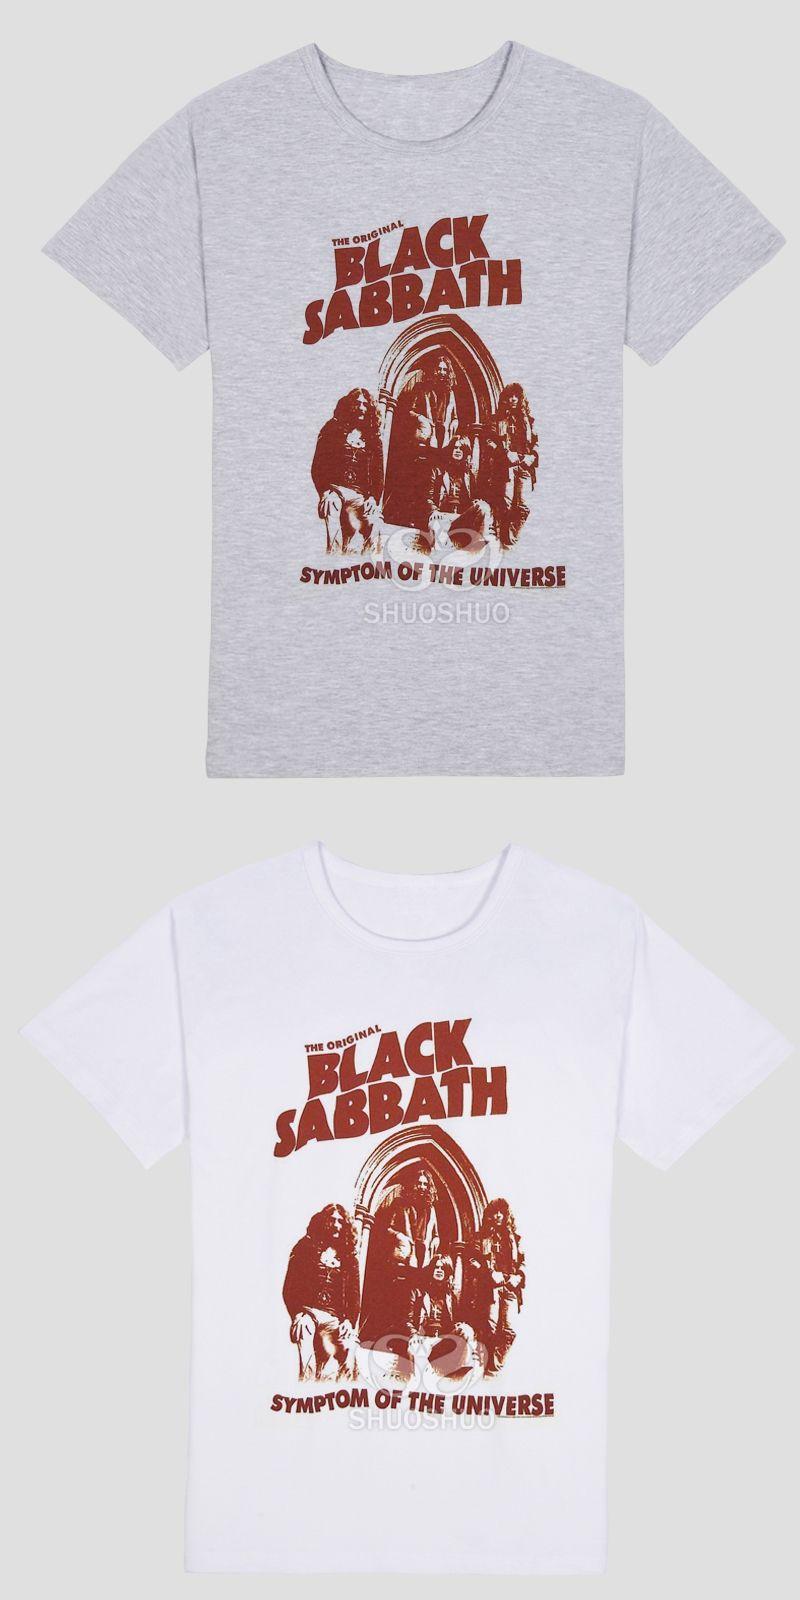 Black Sabbath Classic Heavy Metal Rock Men s T-Shirt T Shirt For Men New O c06c7a0740525